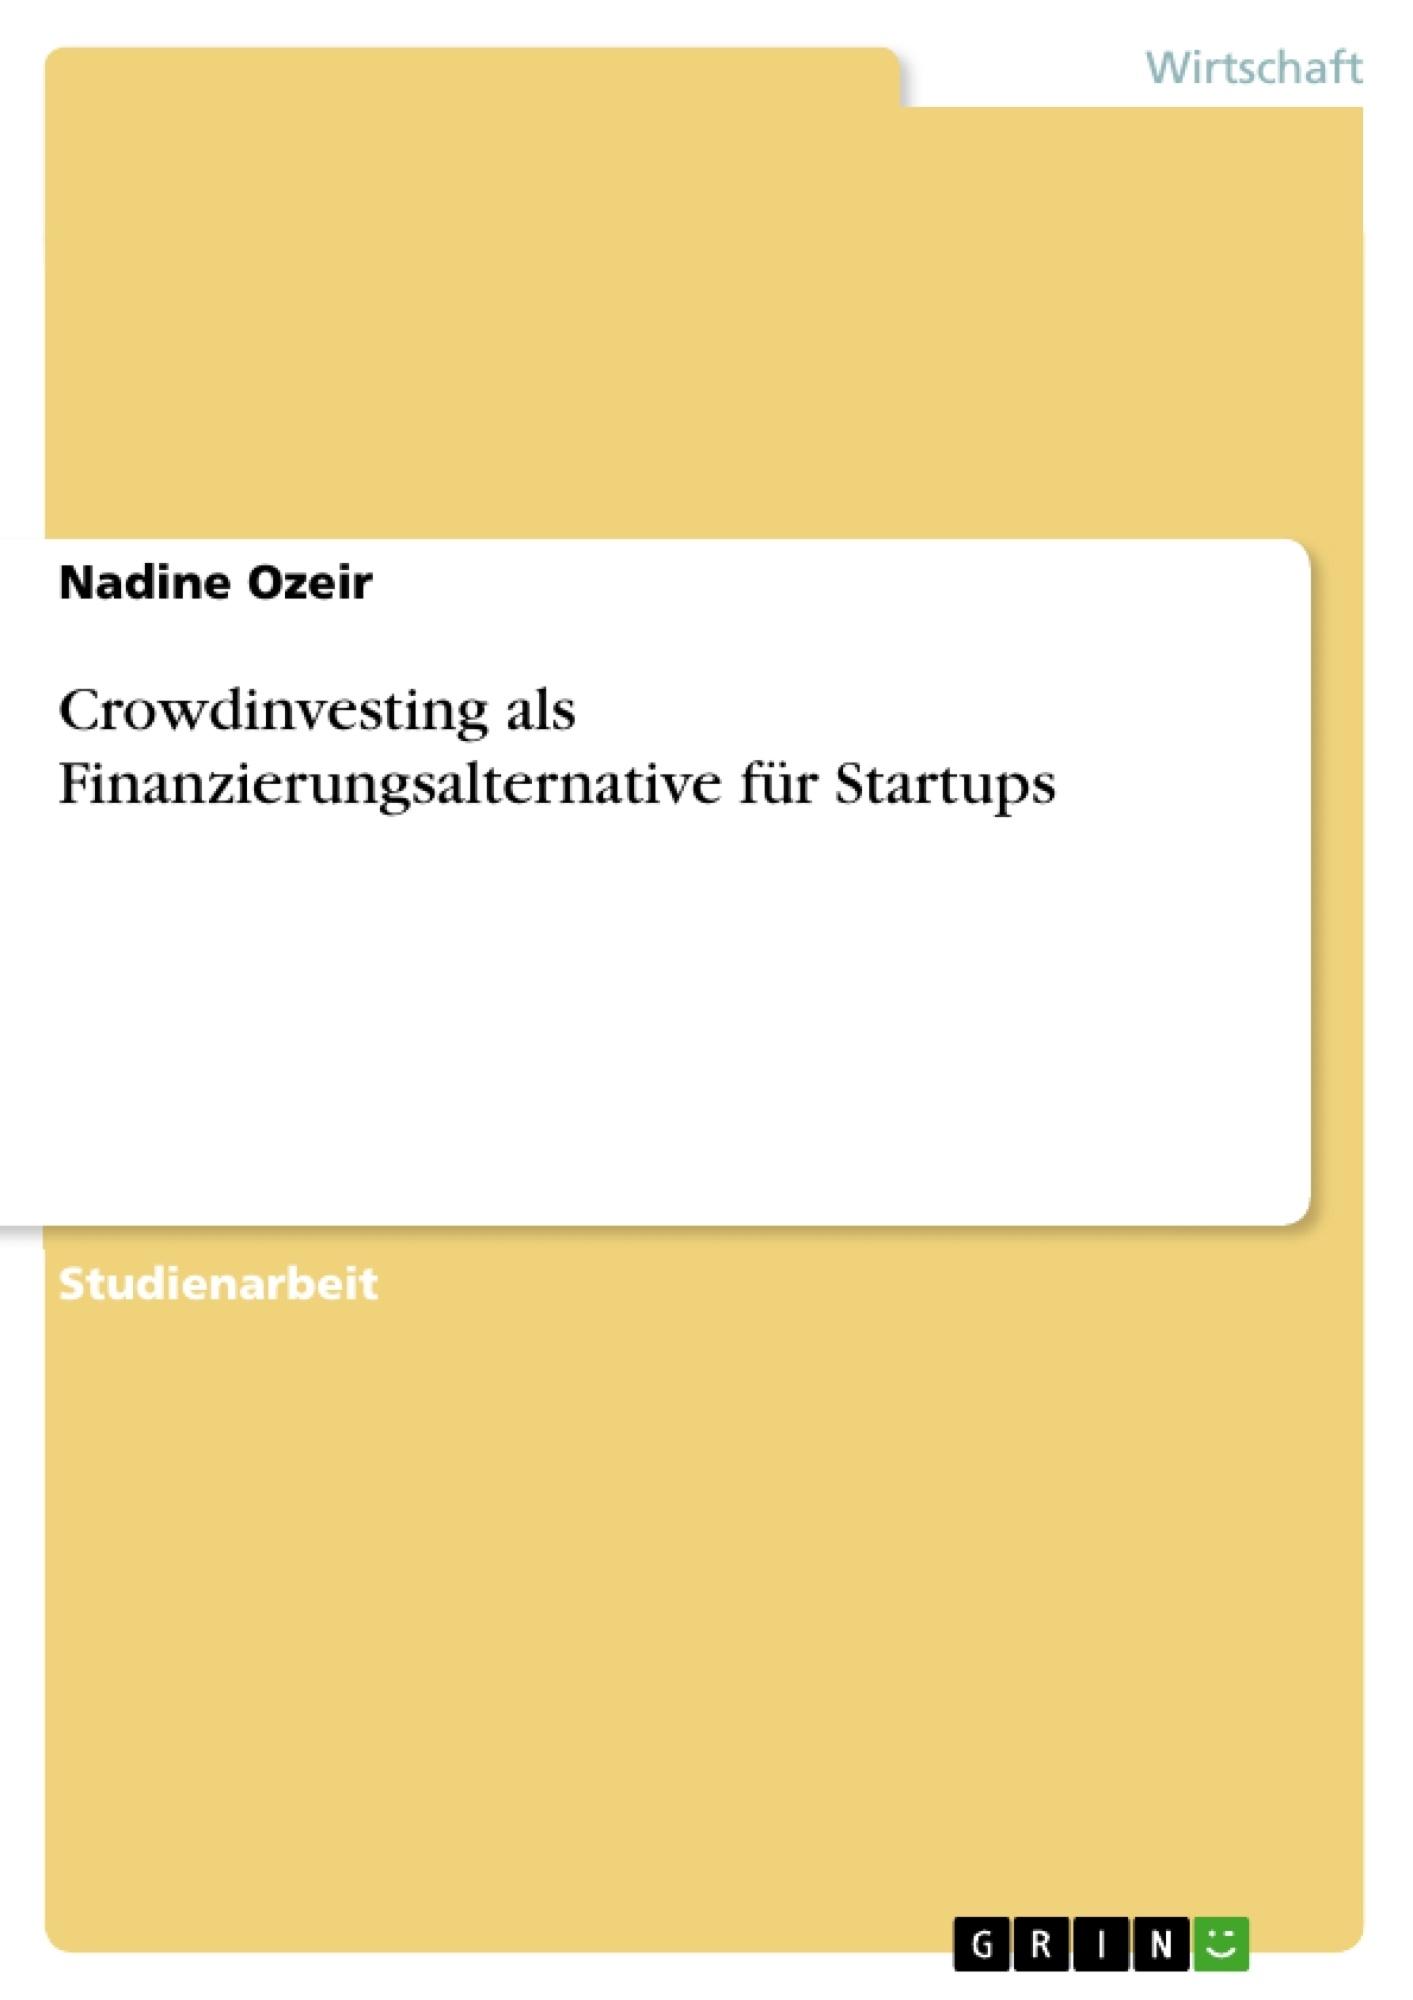 Titel: Crowdinvesting als Finanzierungsalternative für Startups